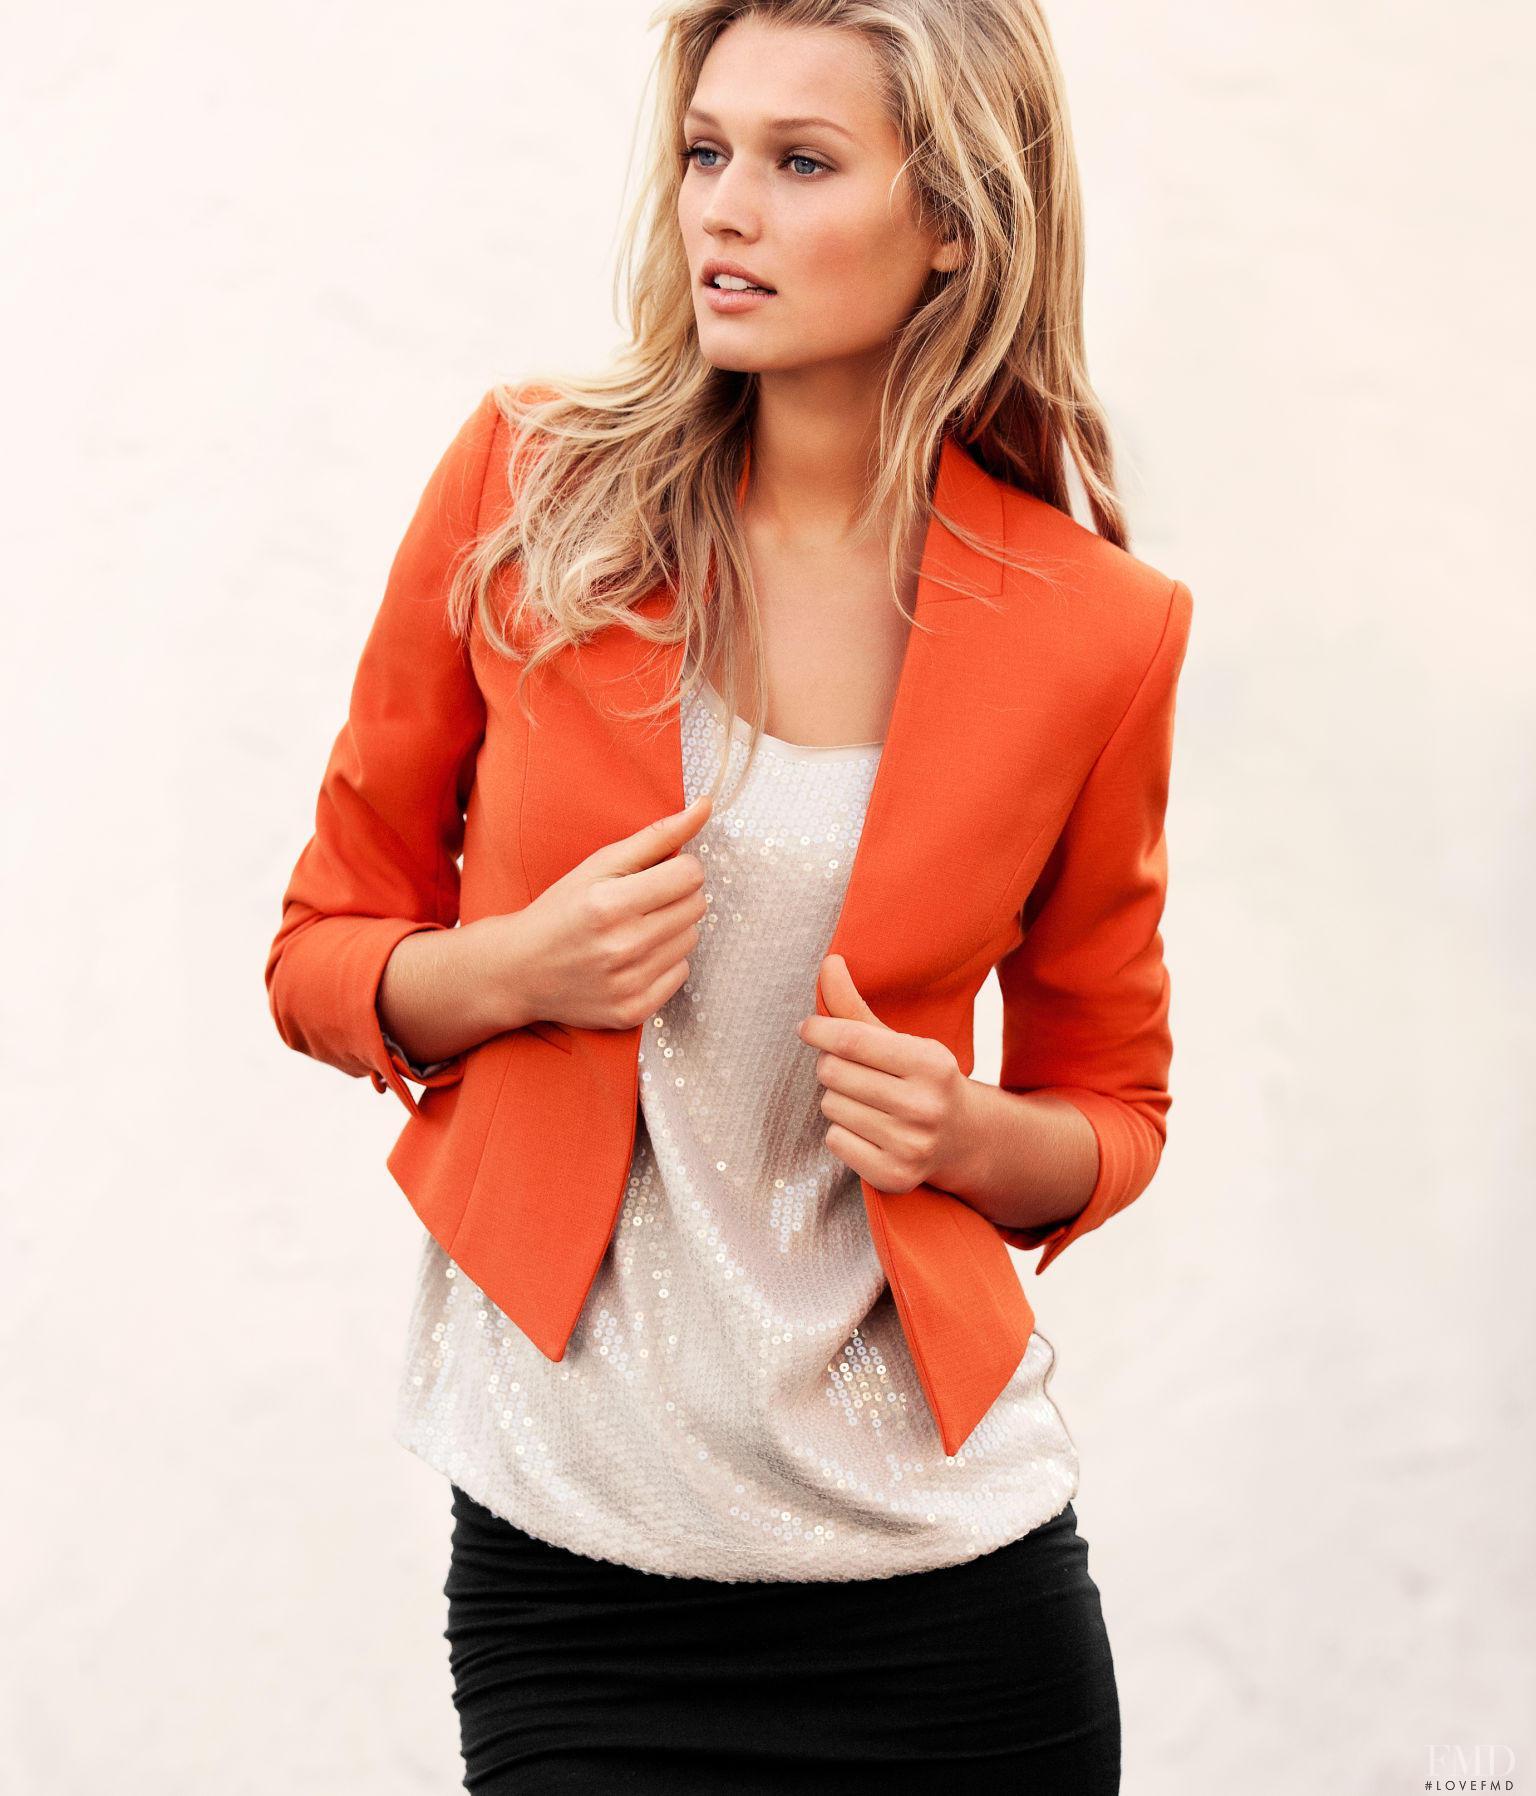 С какой одеждой сочетать короткий пиджак? – Фотообзор модных трендов